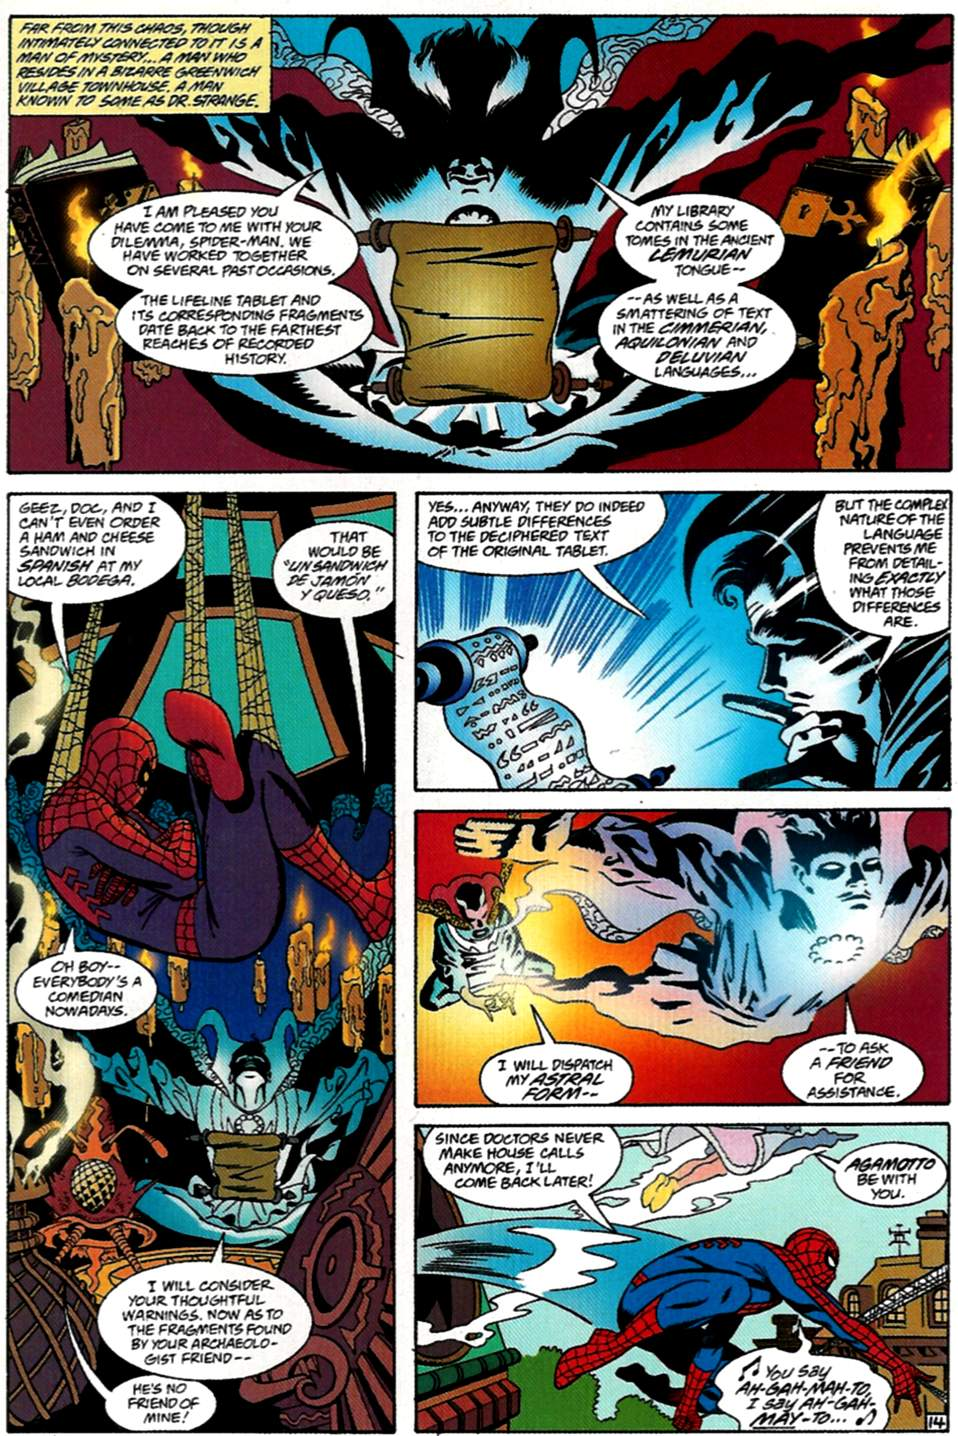 Read online Spider-Man: Lifeline comic -  Issue #1 - 15